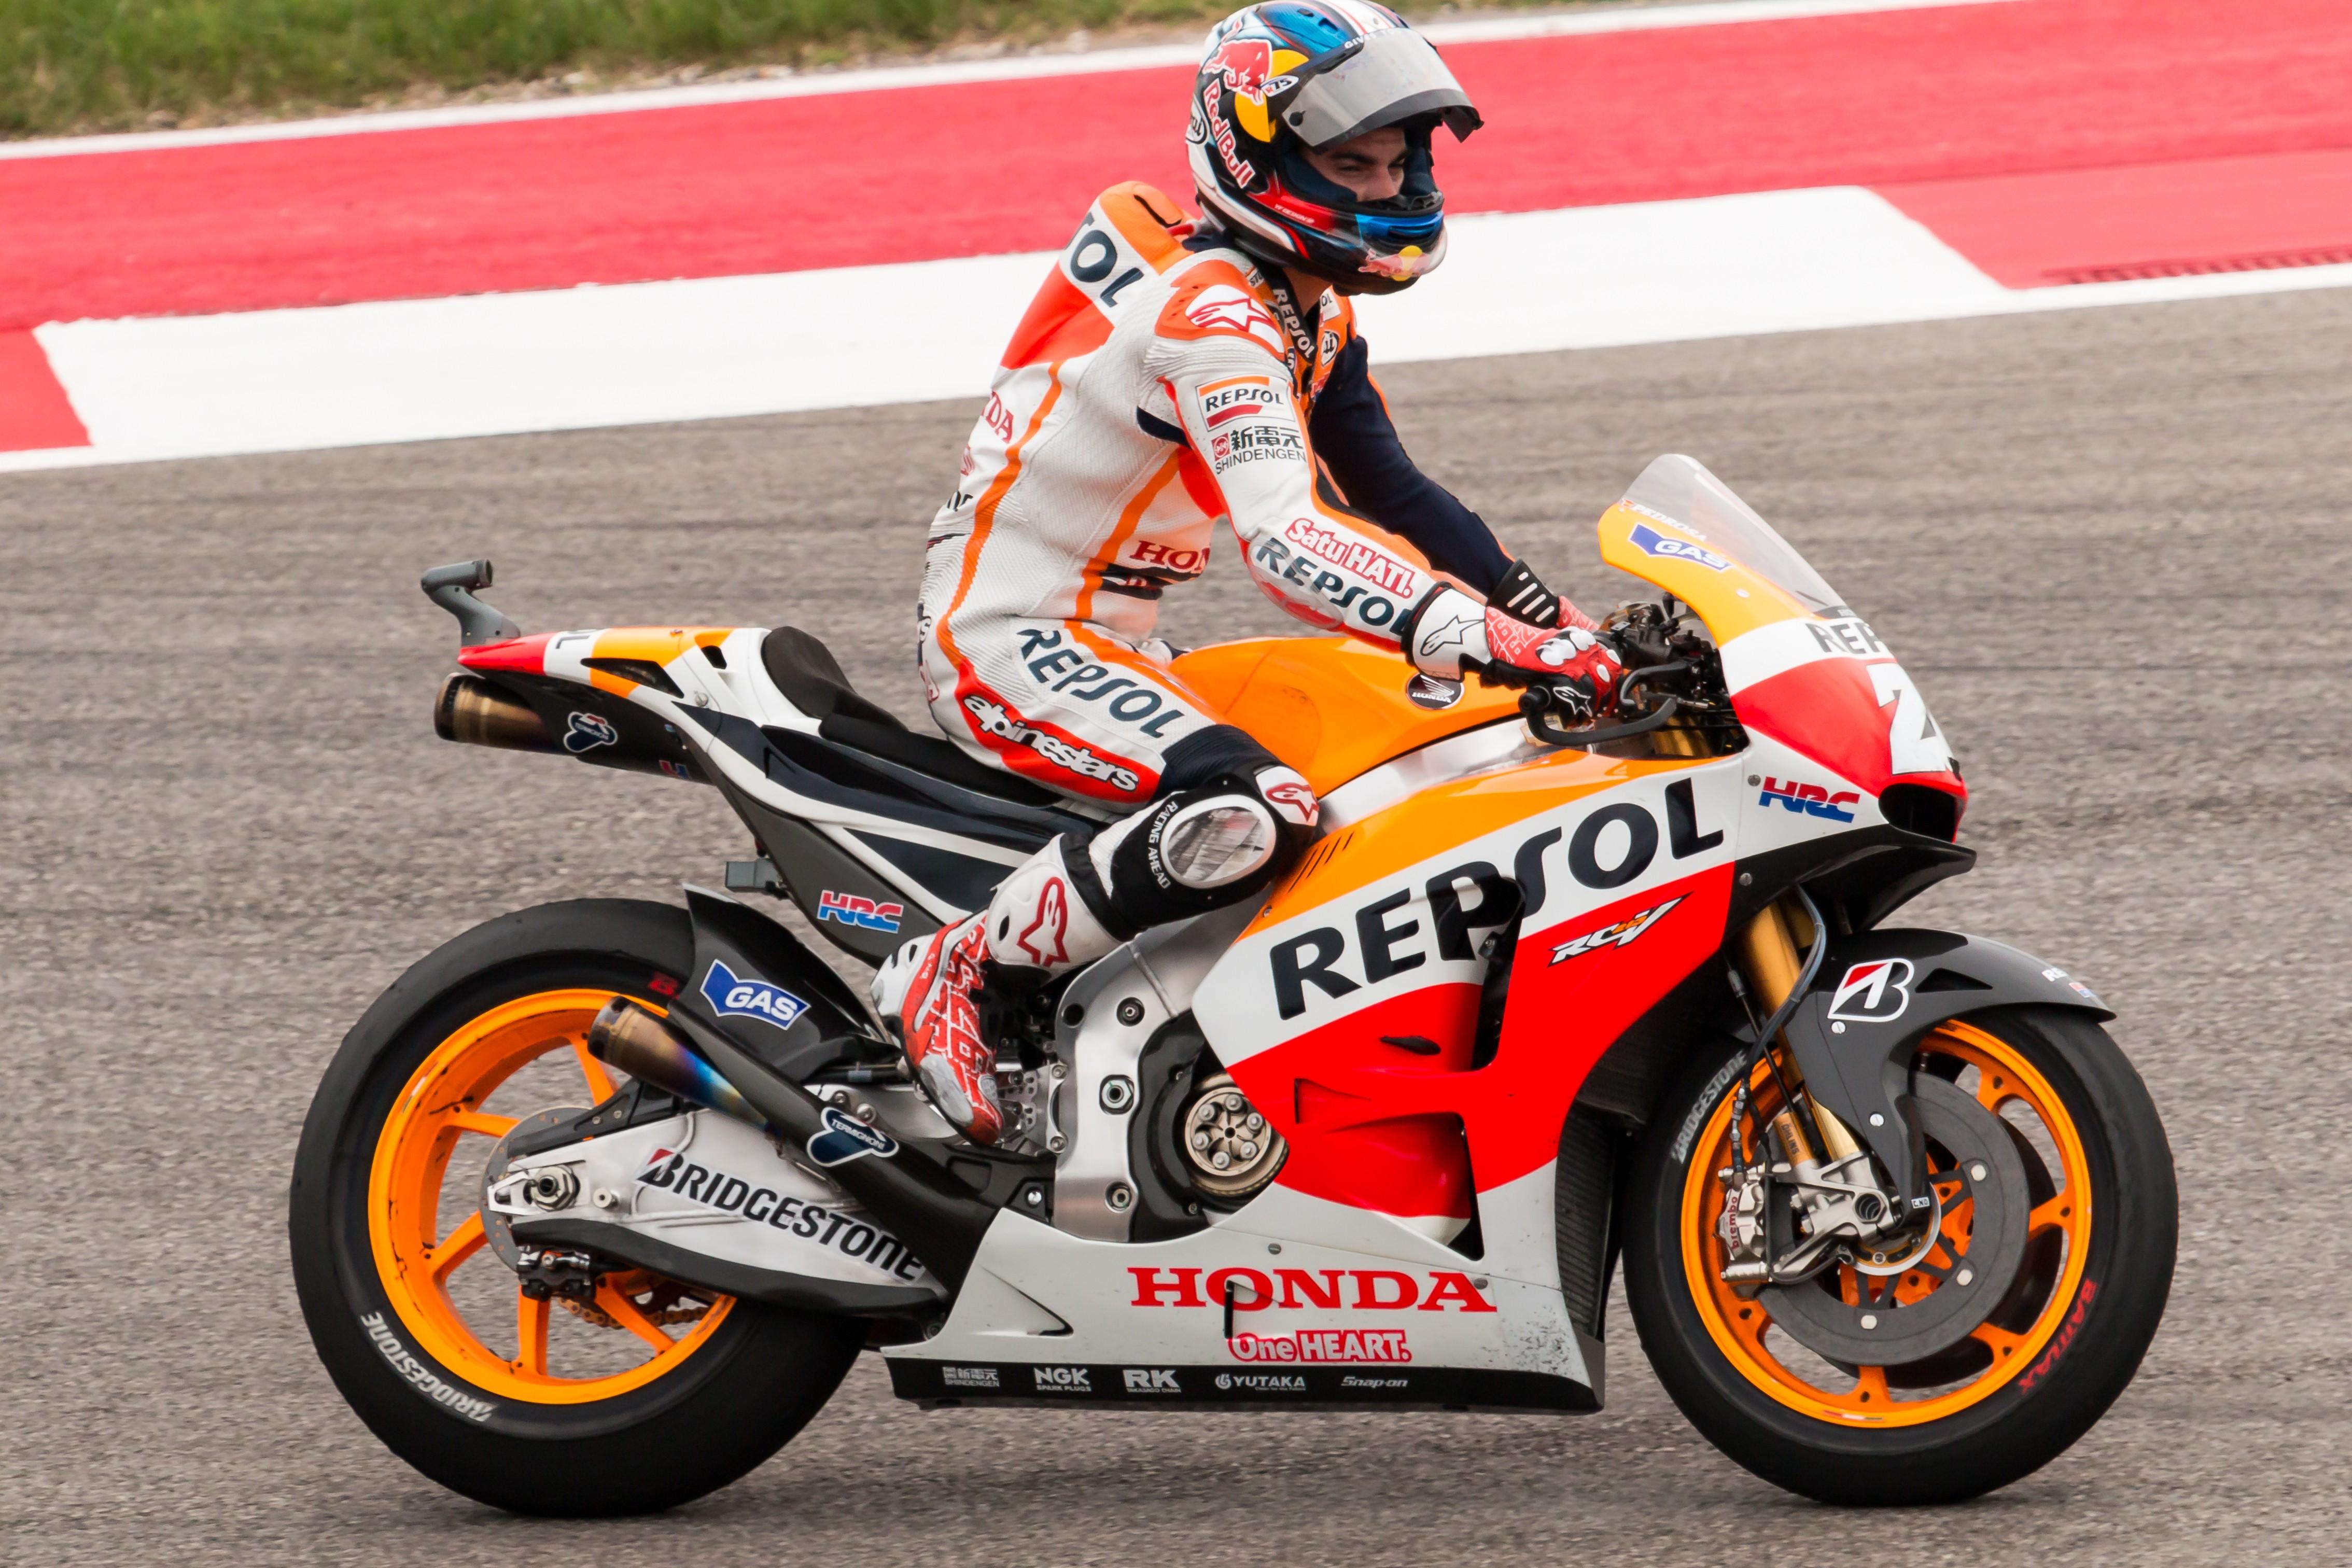 Dani Pedrosa rinnova con la Honda, accordo fino al 2018